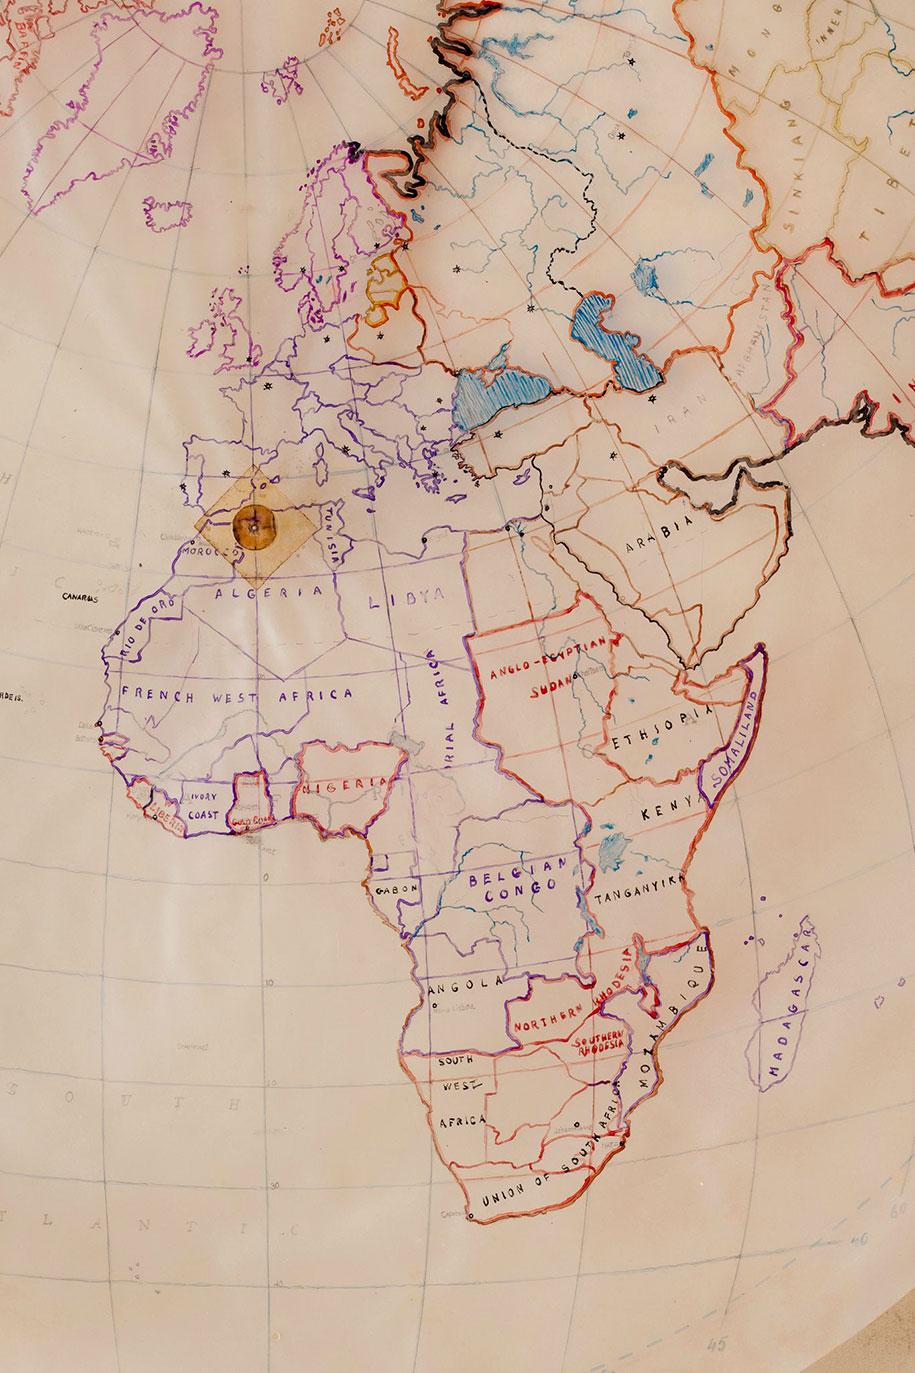 نقشه دست کشیده از اواخر 1930